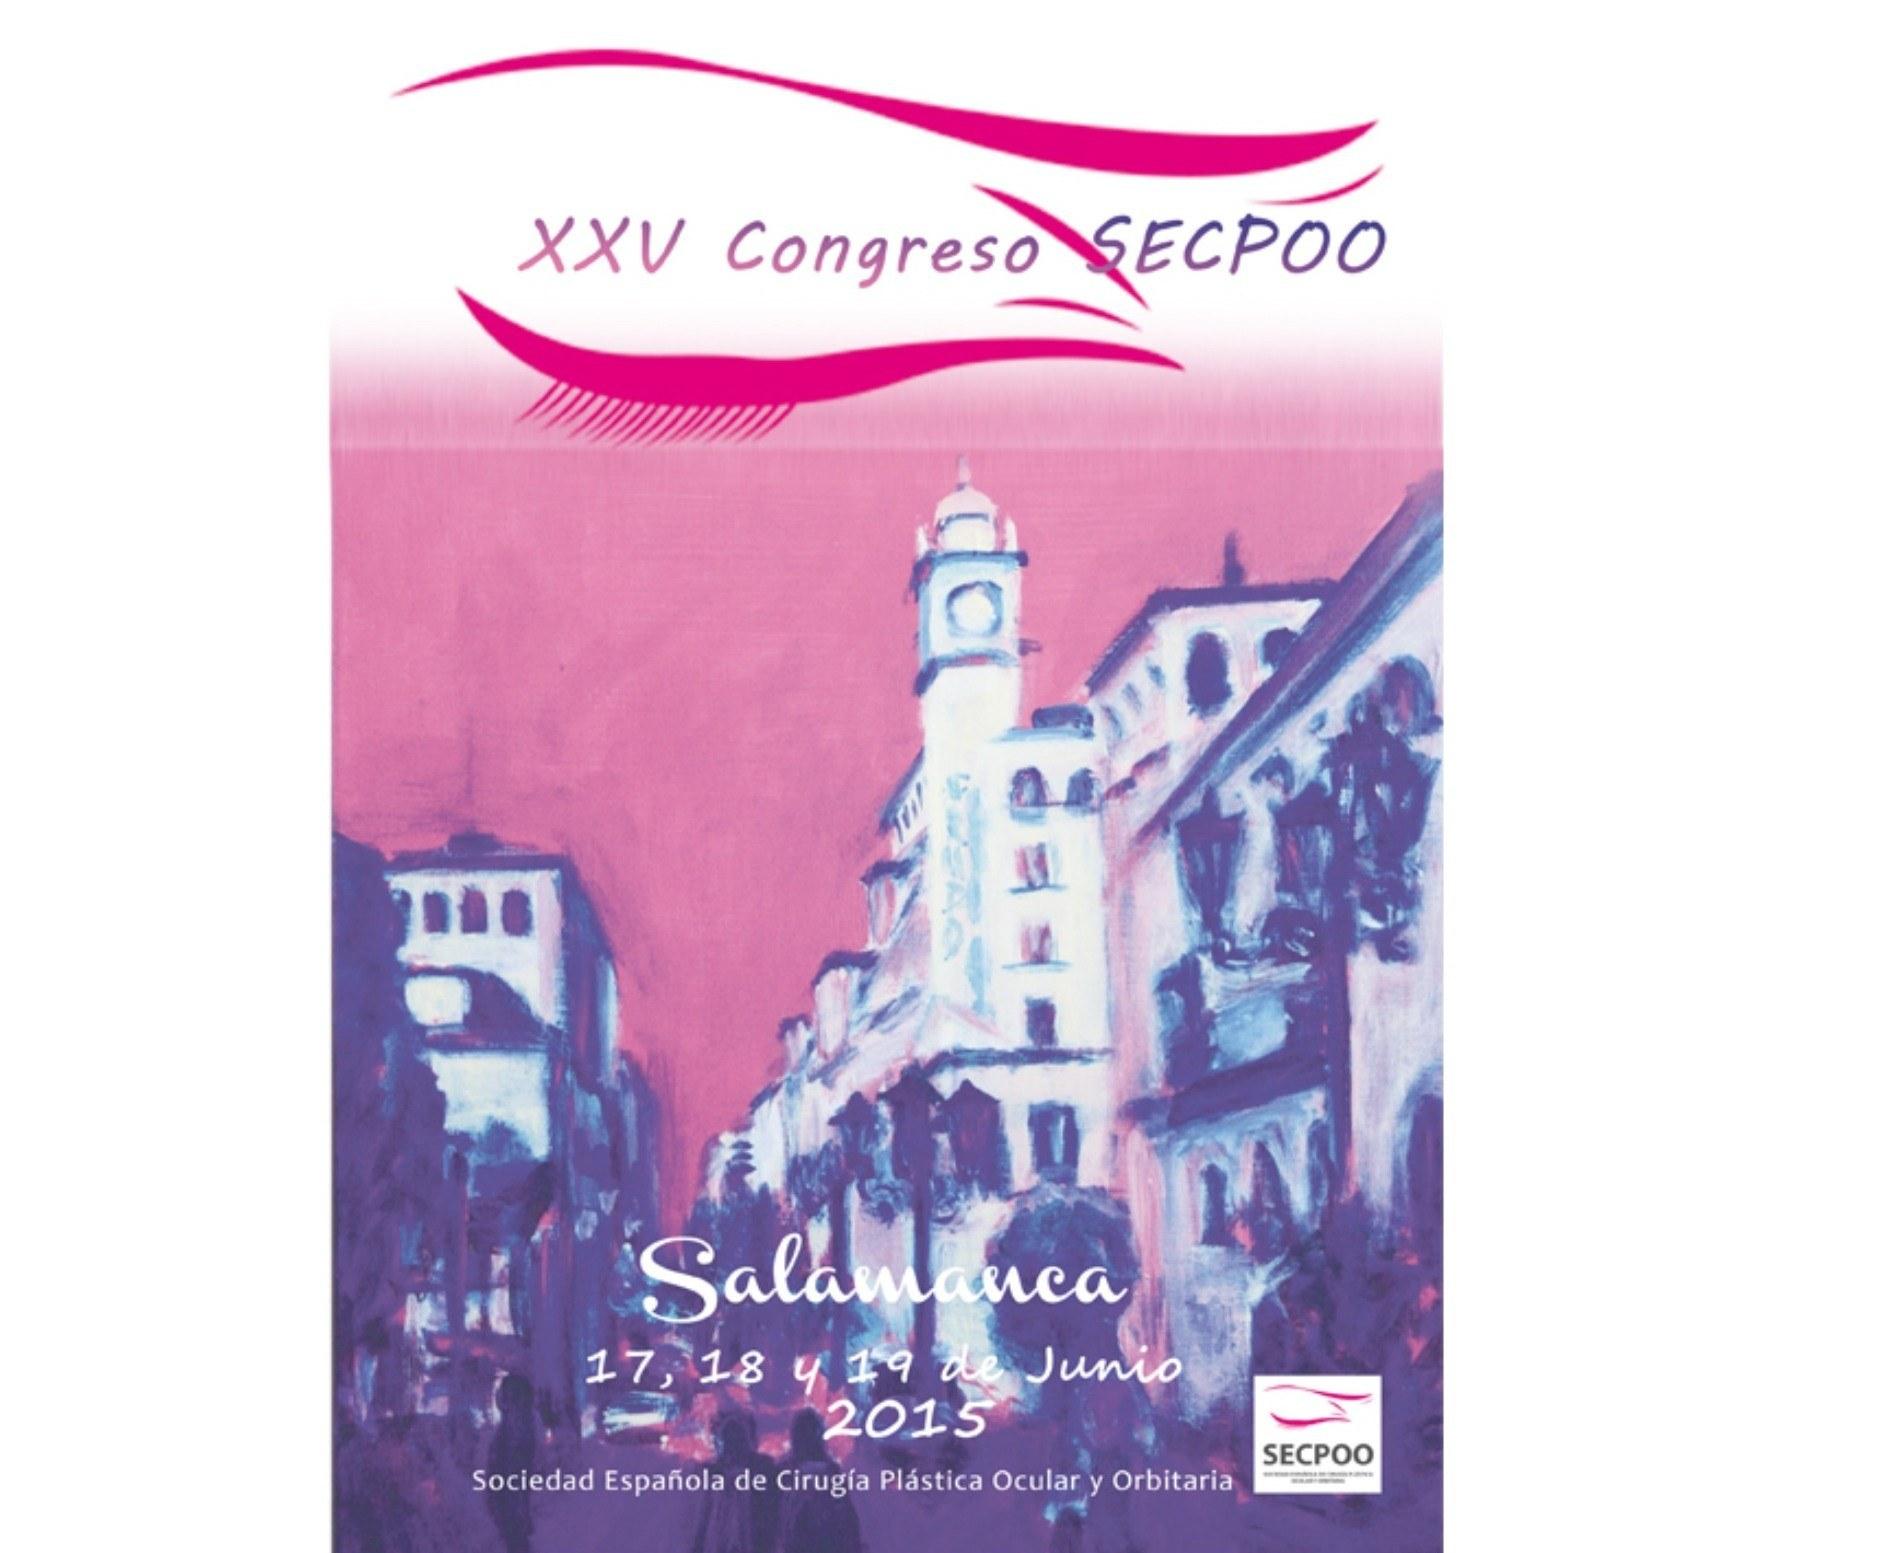 El Dpto. de Órbita y Oculoplastia participa en el XXV Congreso de la Sociedad Española de Cirugía Plástica Ocular y Orbitaria